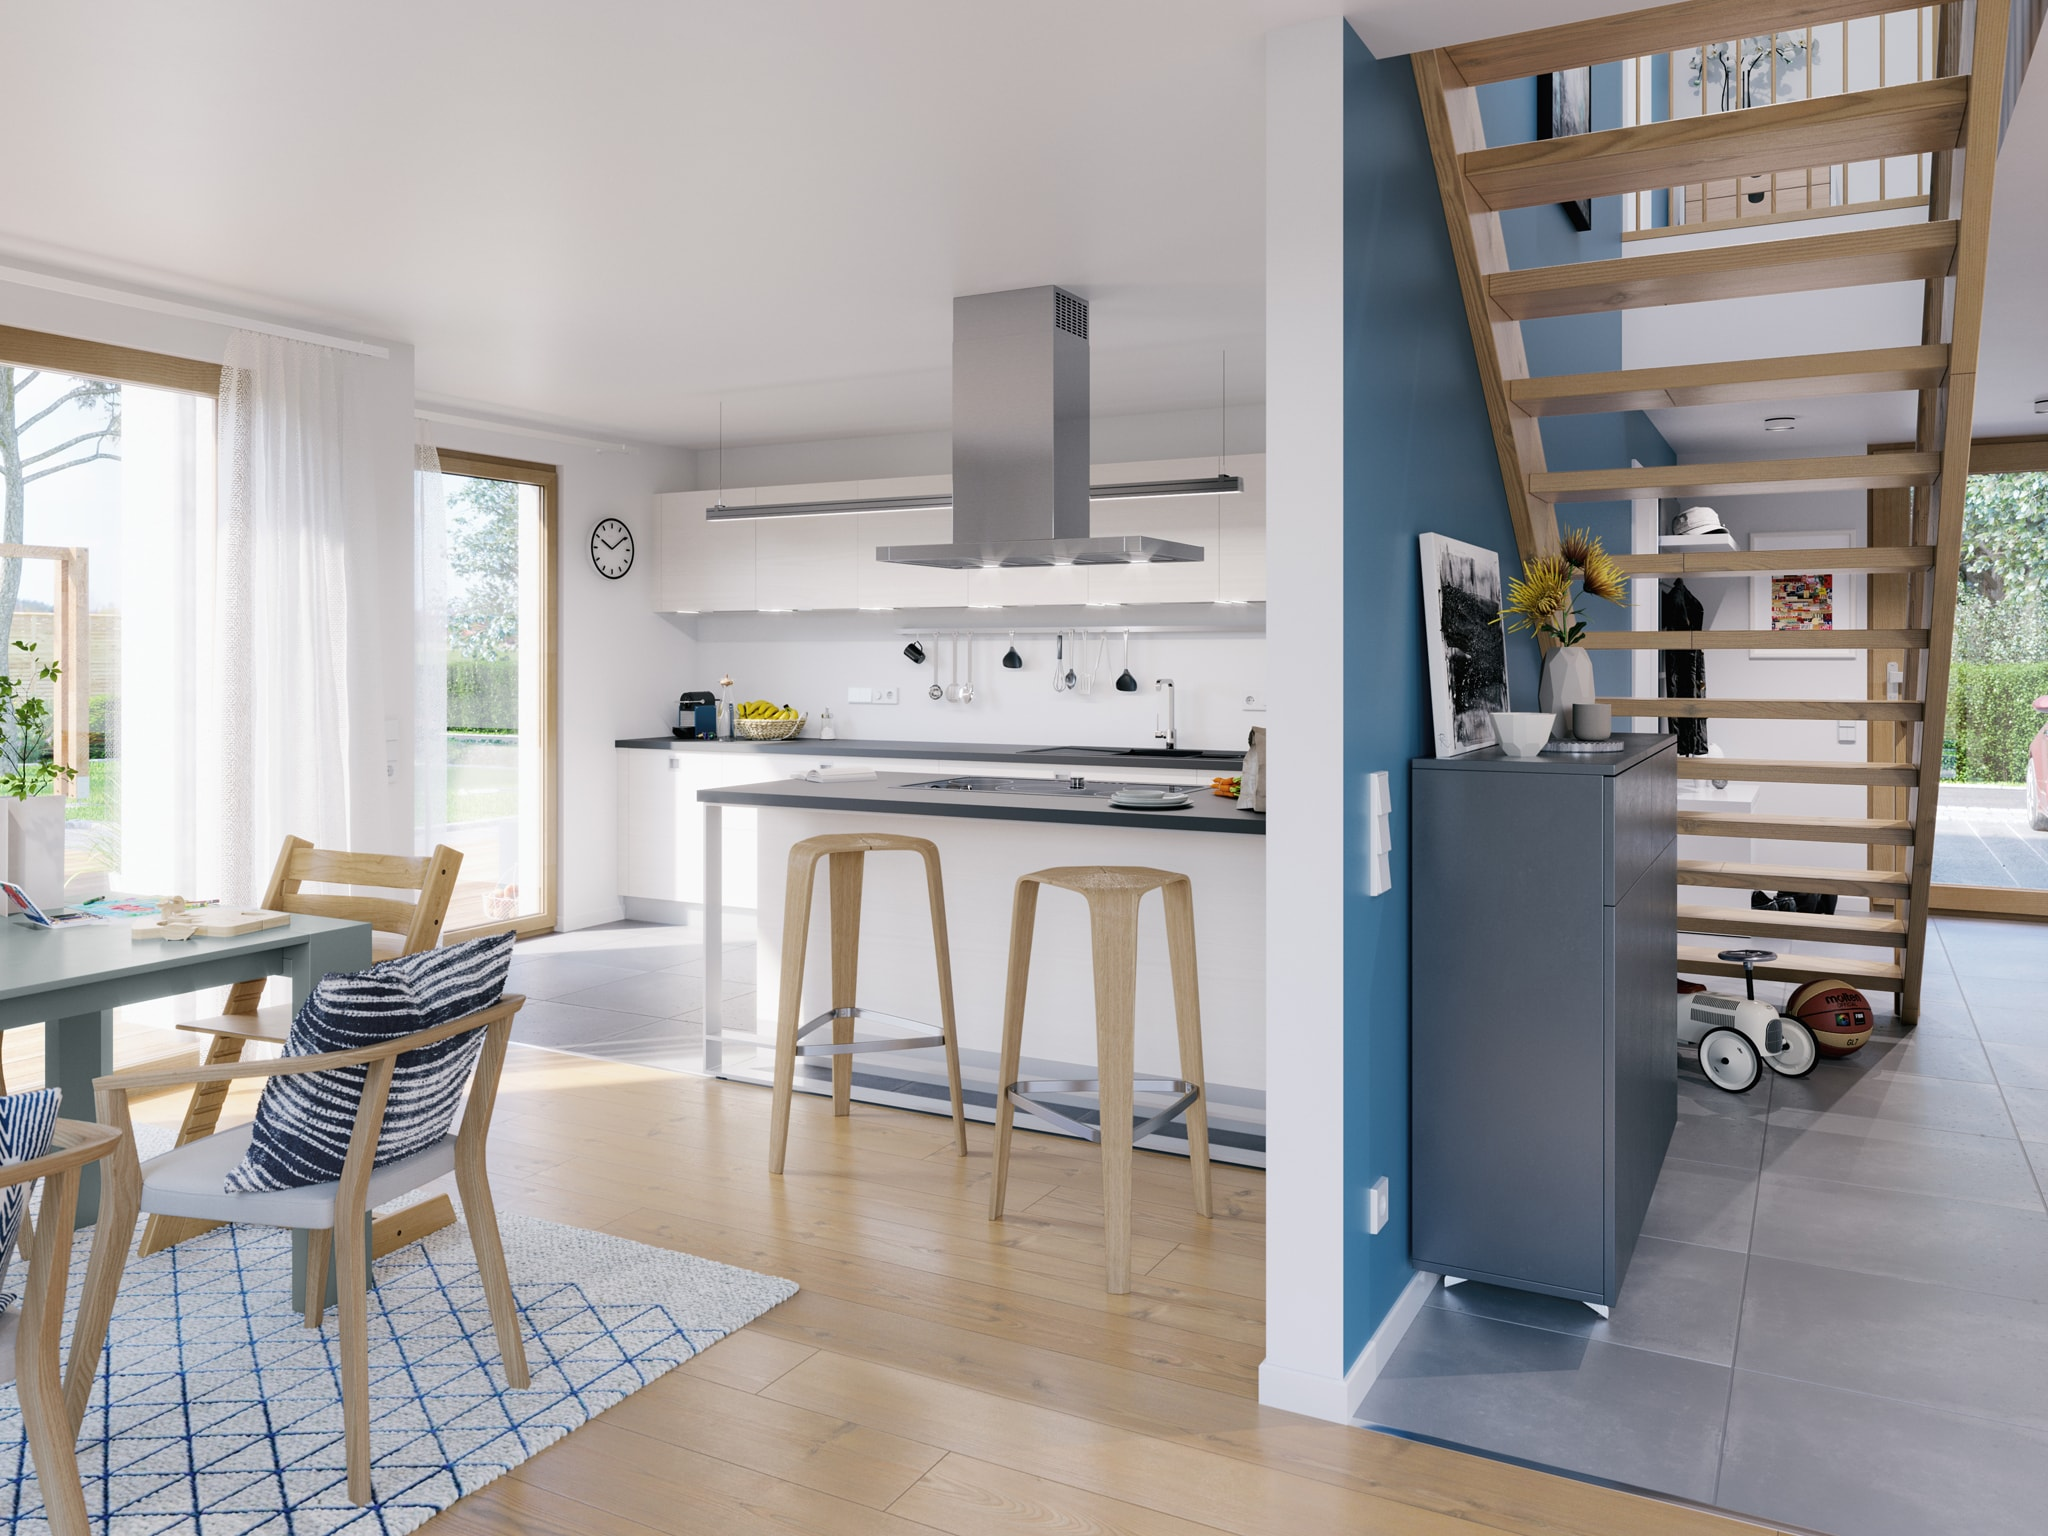 Wohn-Esszimmer mit offener Küche - Ideen Inneneinrichtung Einfamilienhaus Living Haus SUNSHINE 154 V4 - HausbauDirekt.de